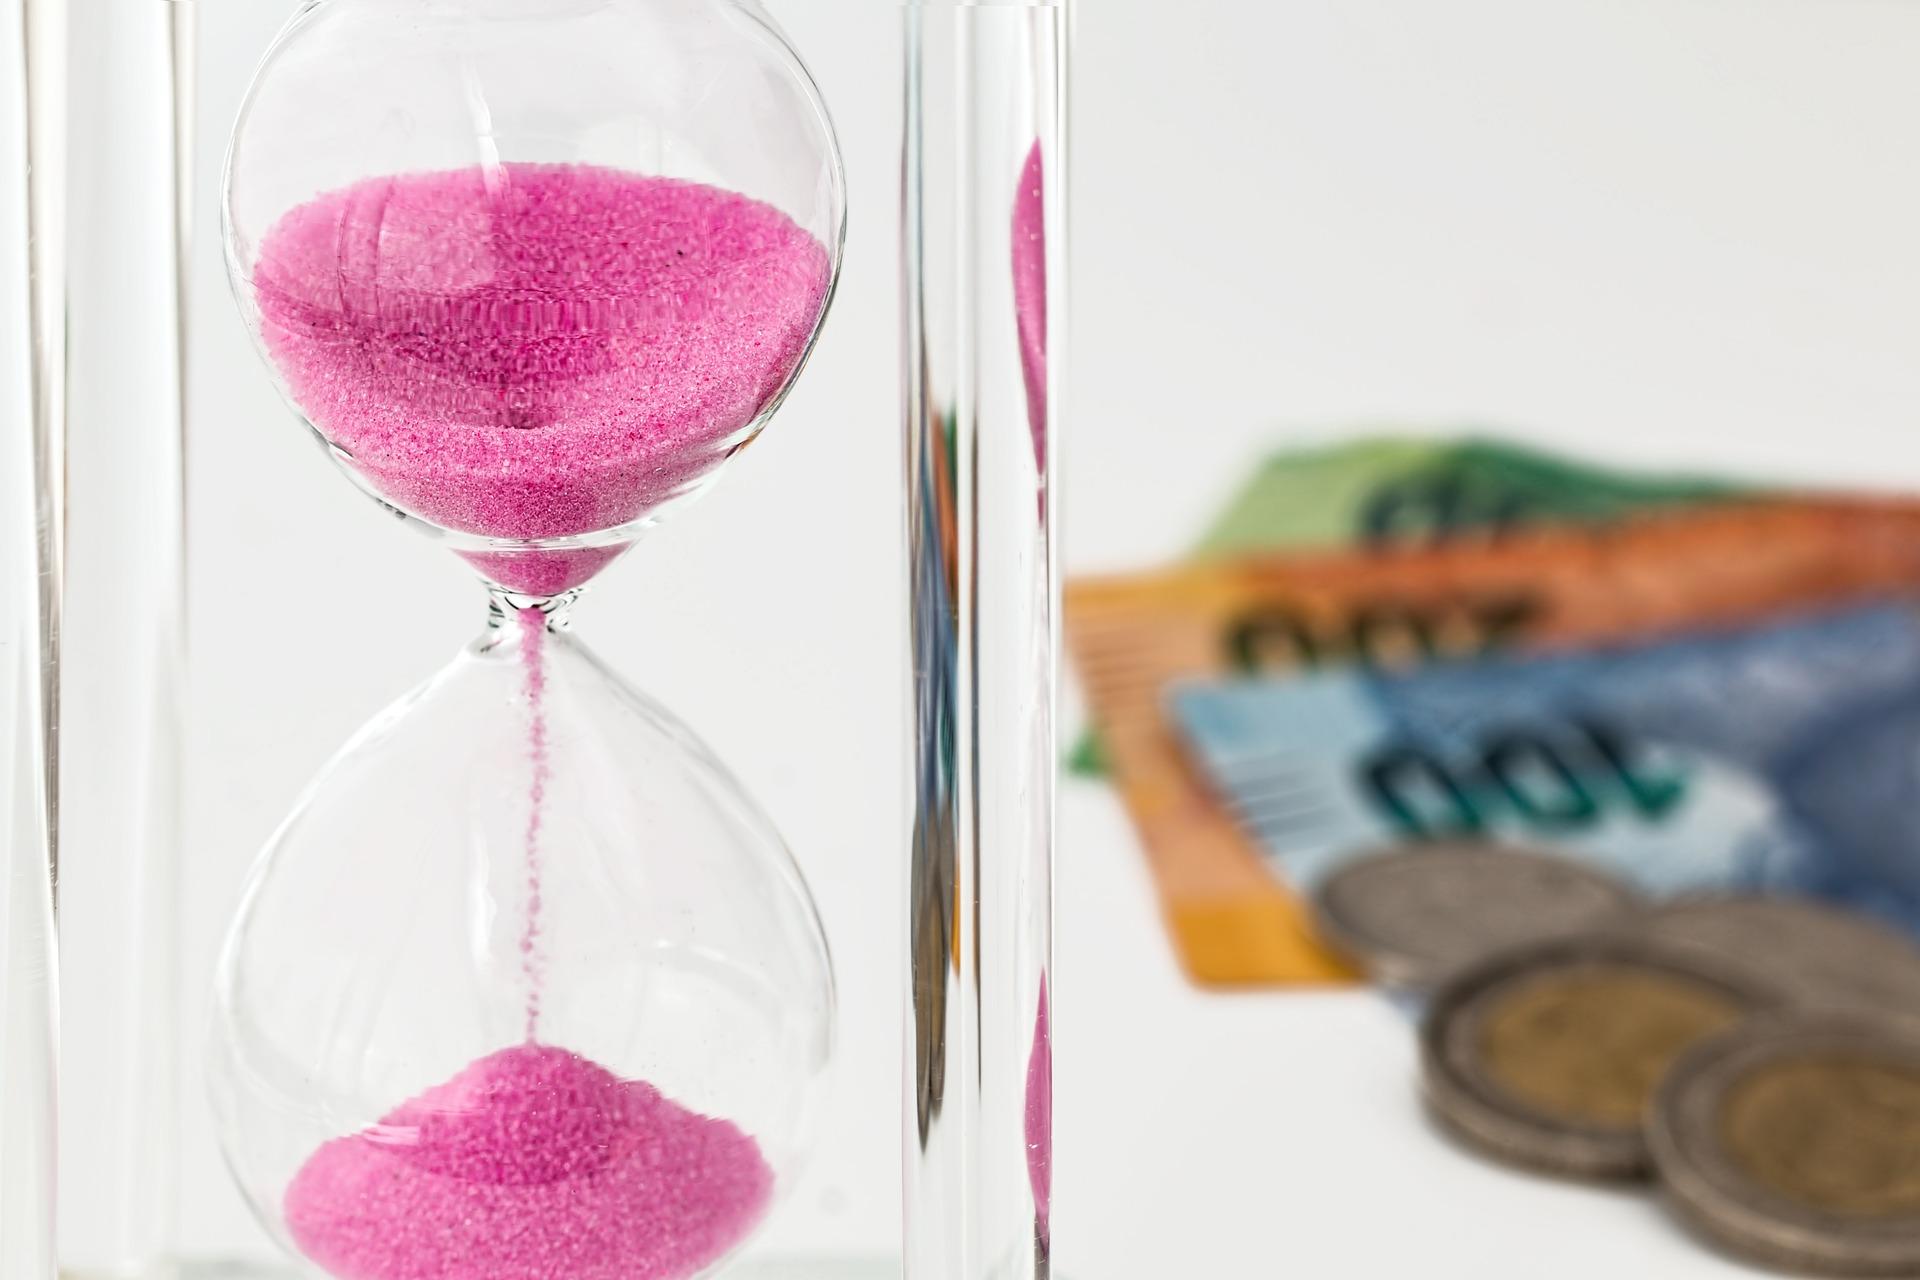 Bodo delodajalci, ki bodo prisiljeni zapreti svoja podjetja, morali pridobljene ugodnosti iz PKP vrniti?